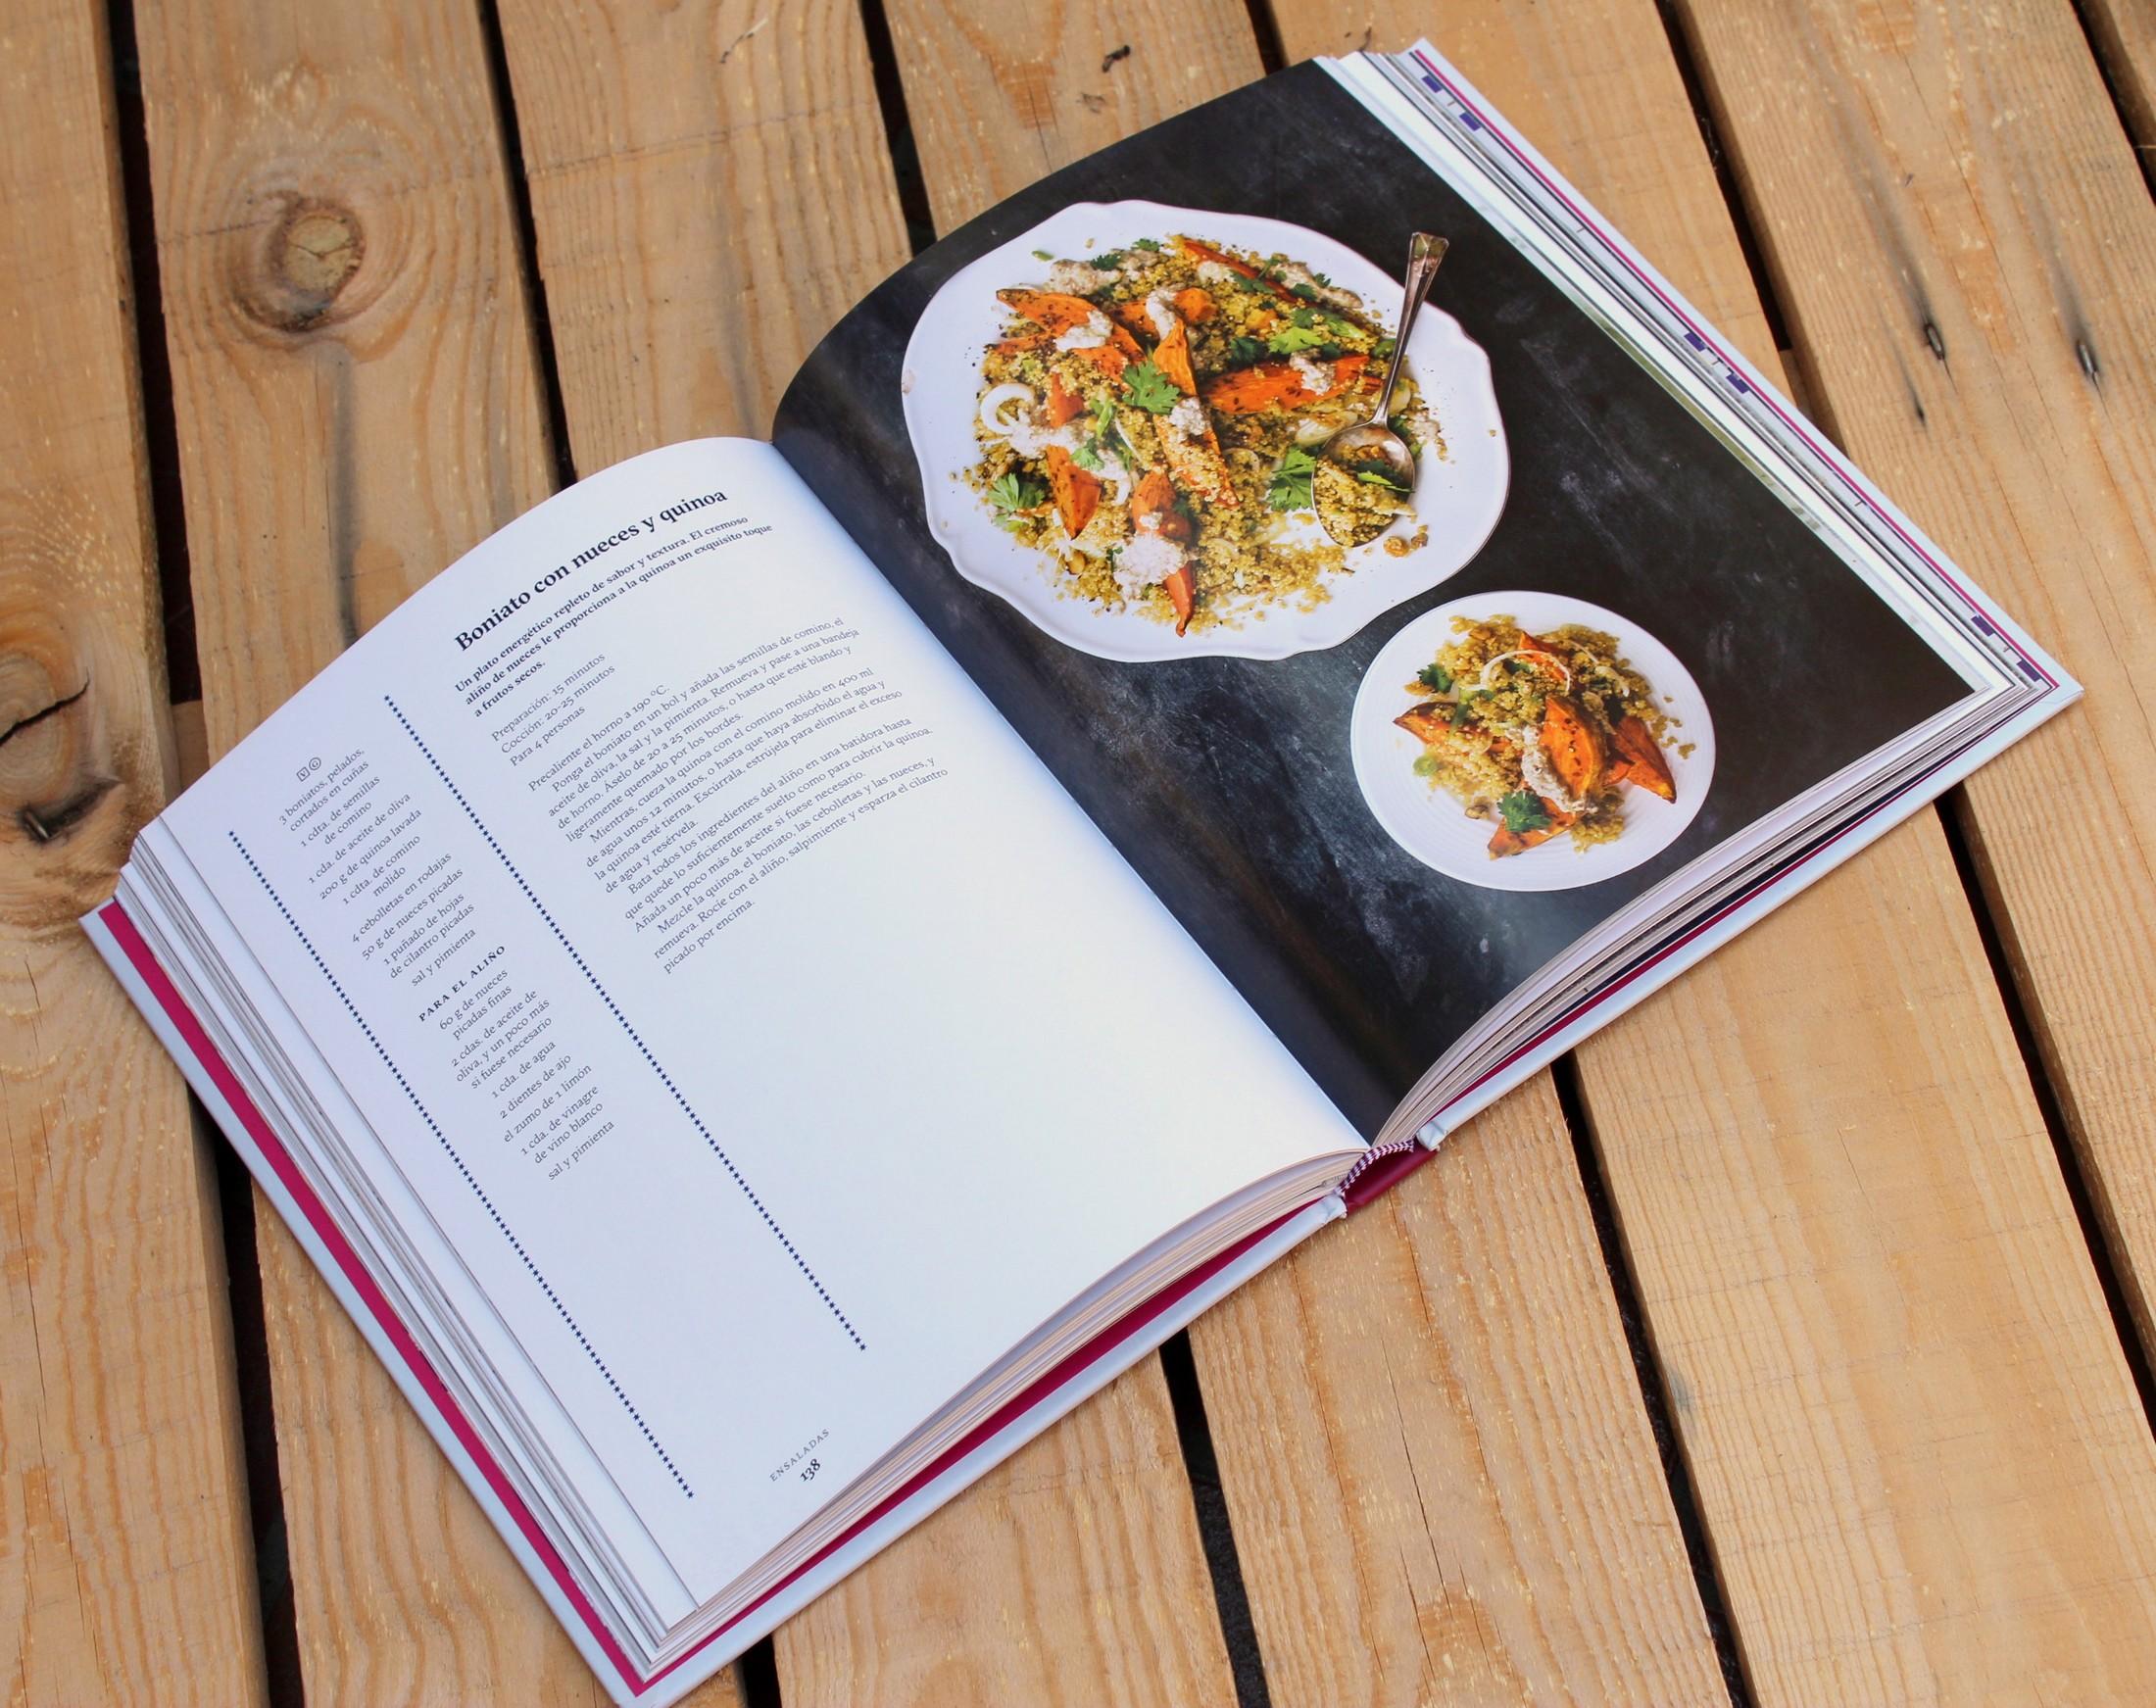 La Cocina Vegetariana de Oriente Próximo - interior